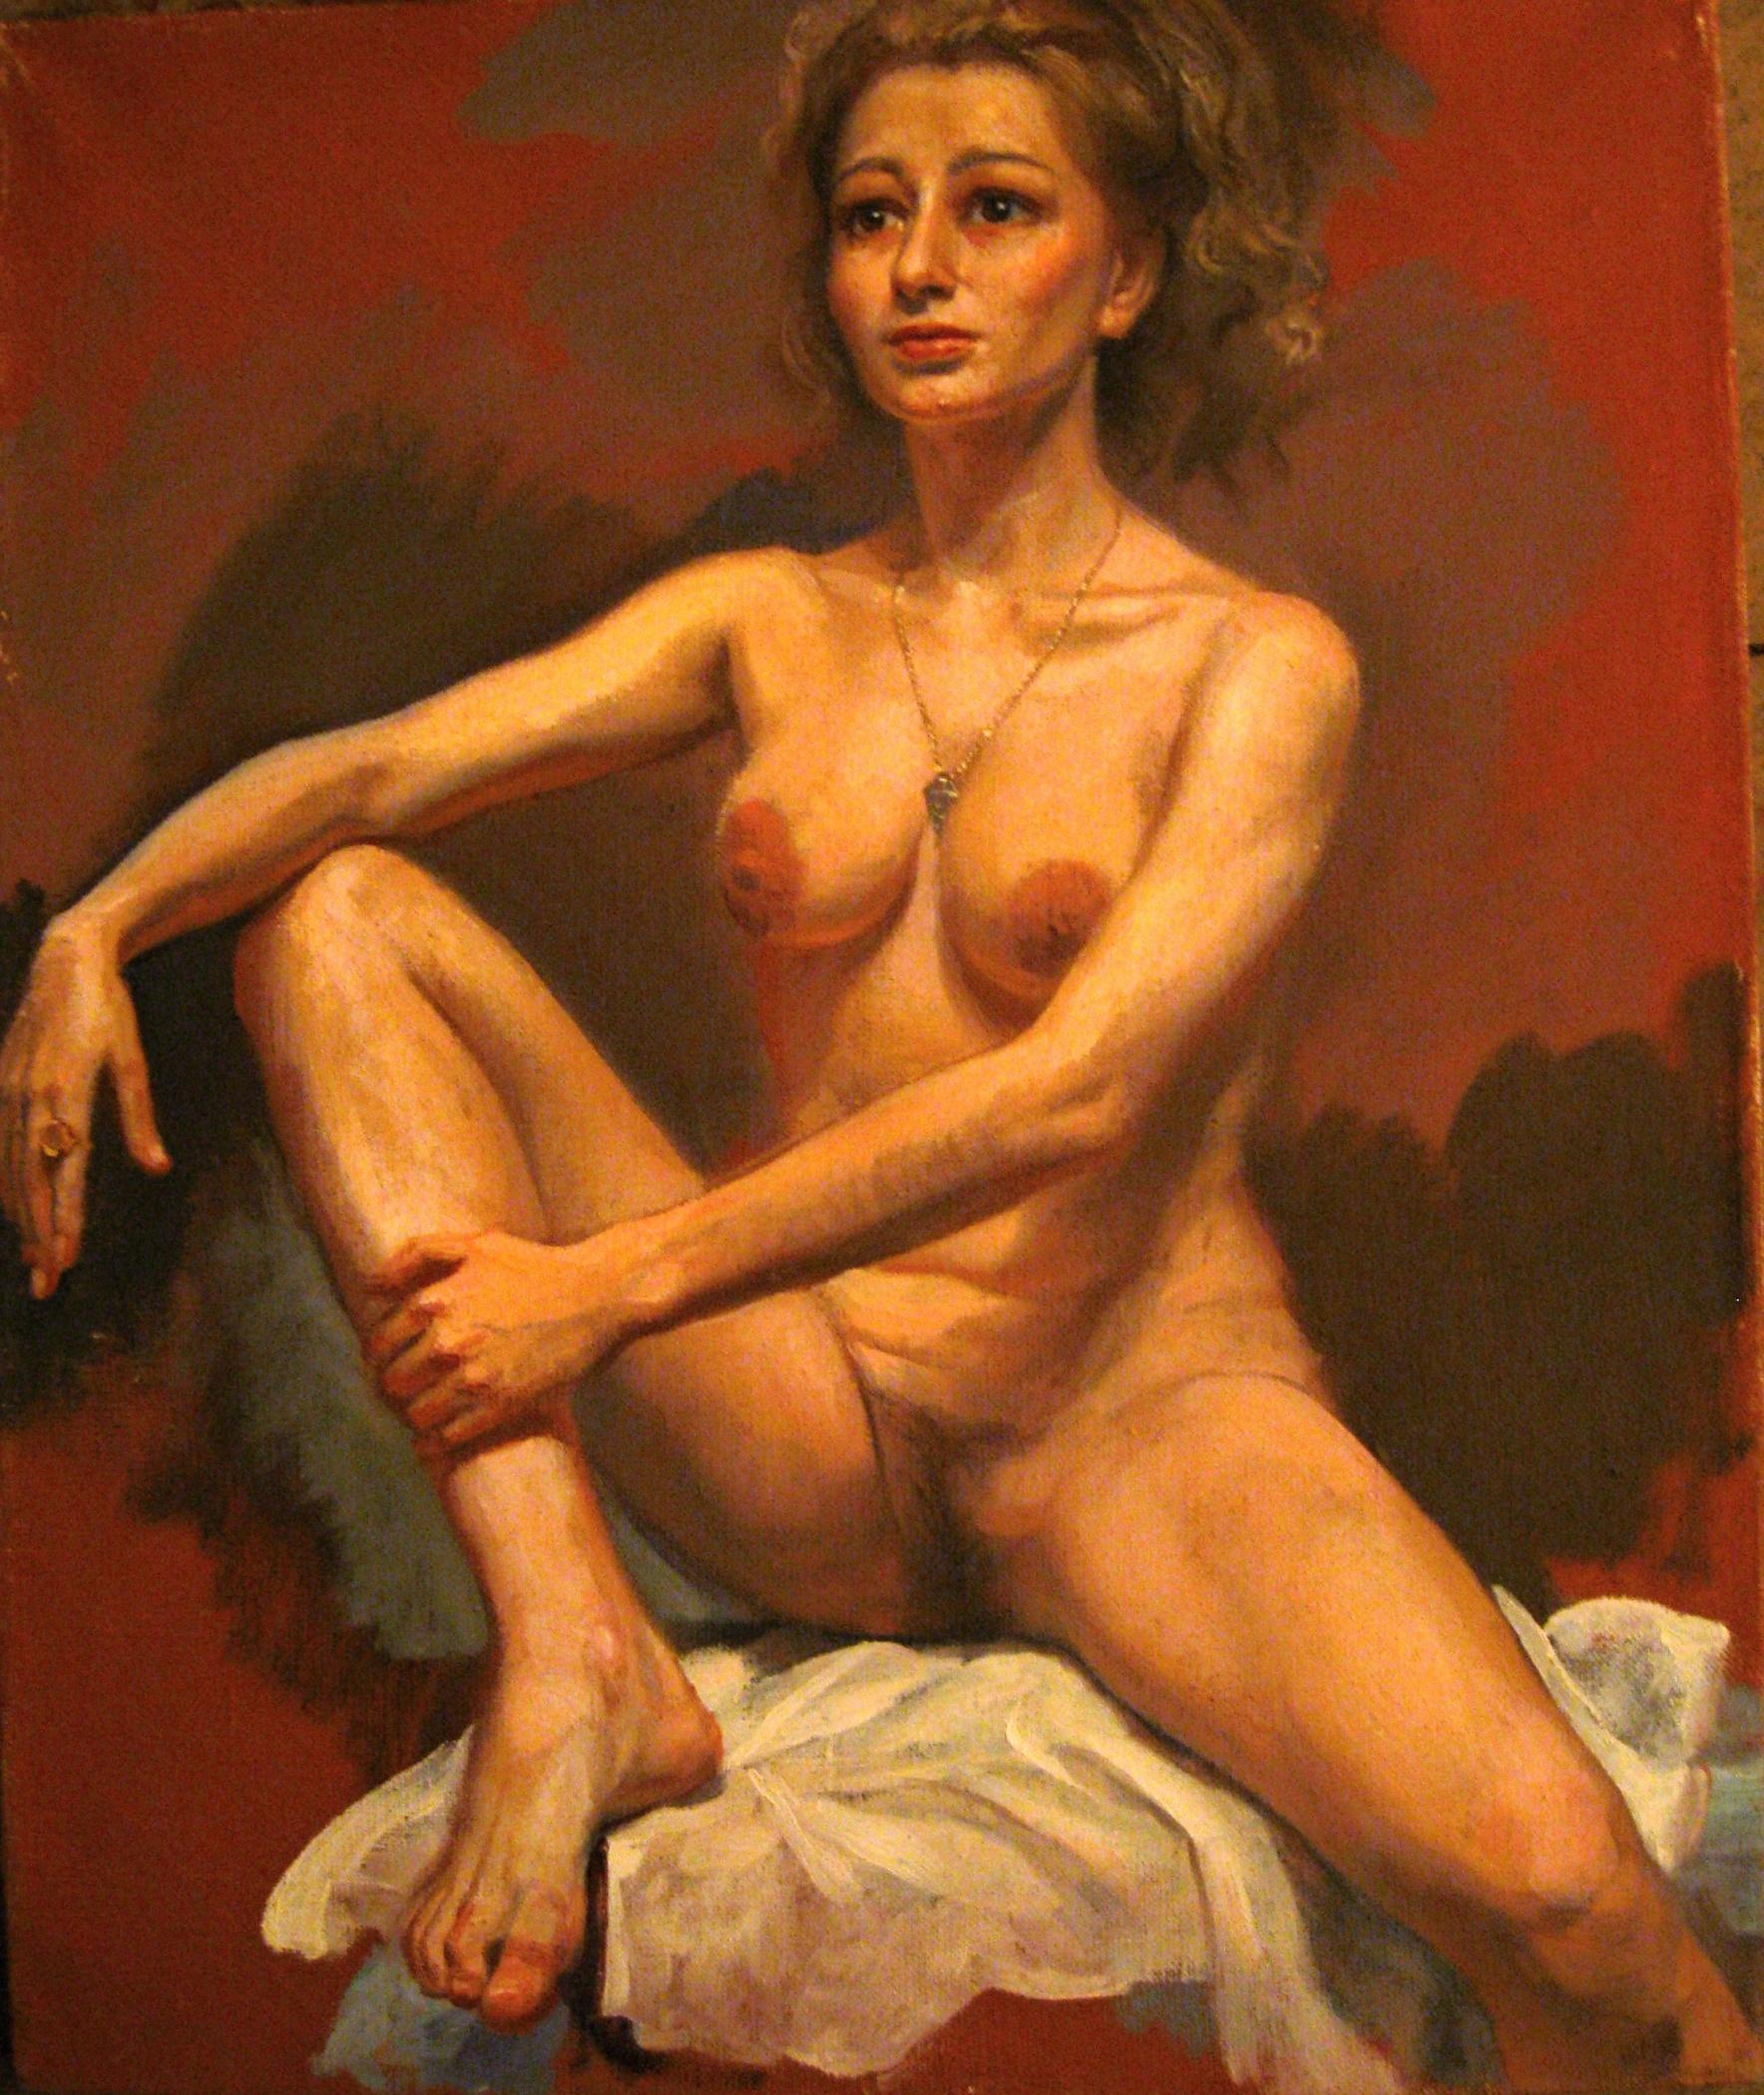 Мария Голубкина Я сижу голая раздвинув ноги  СКАНДАЛЫру